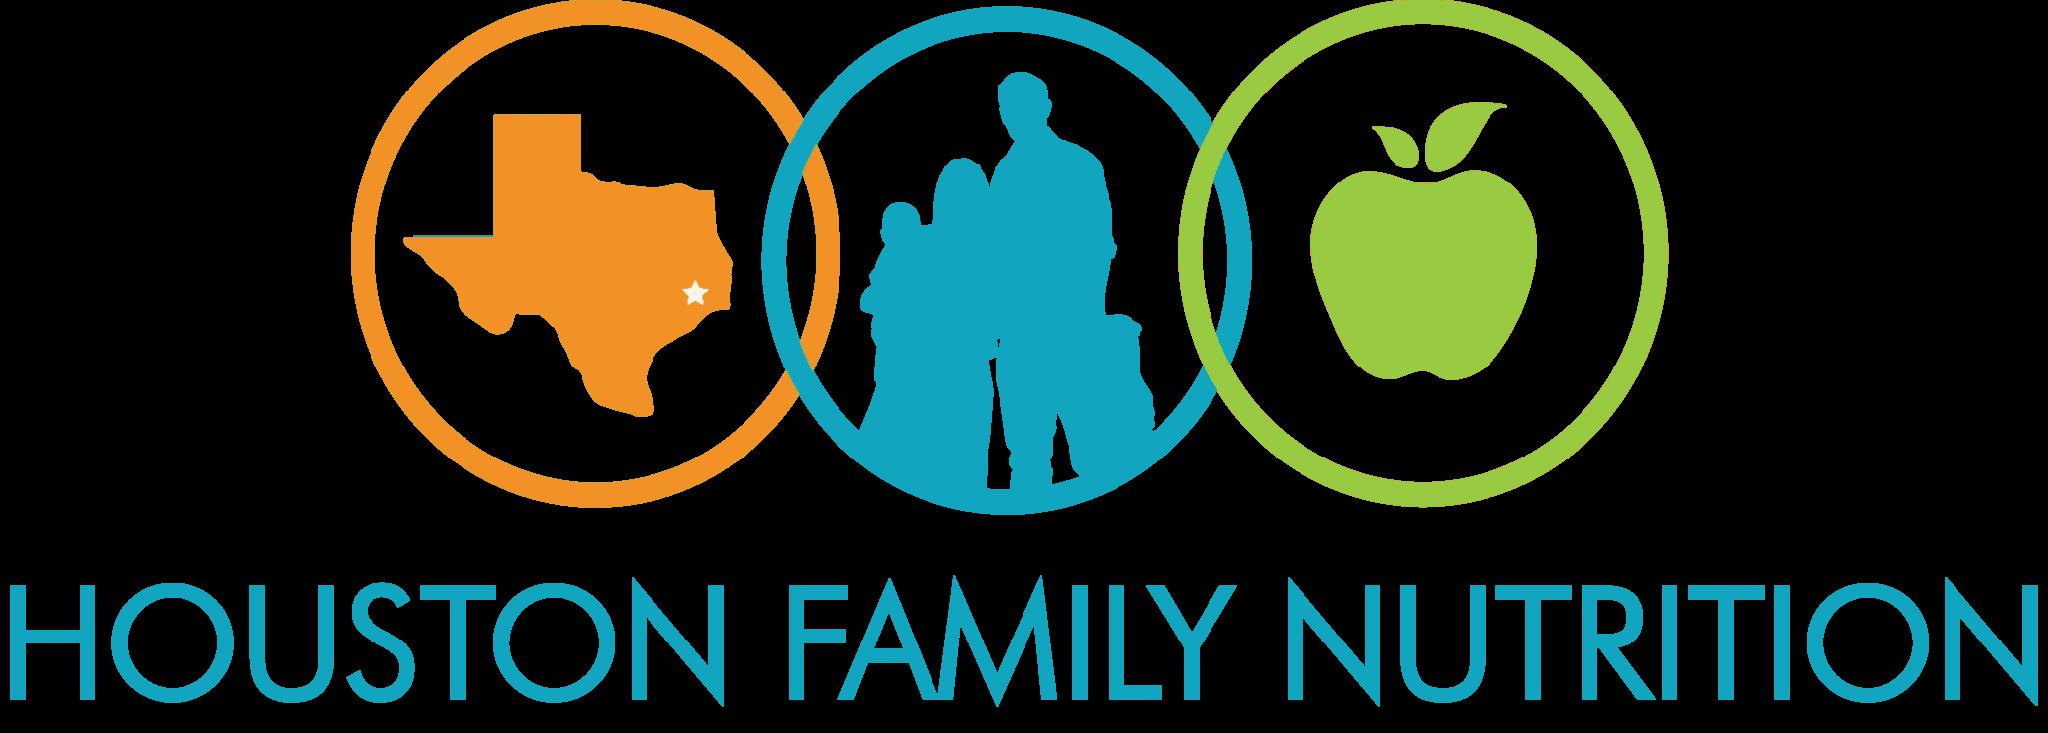 HFN-logo_final